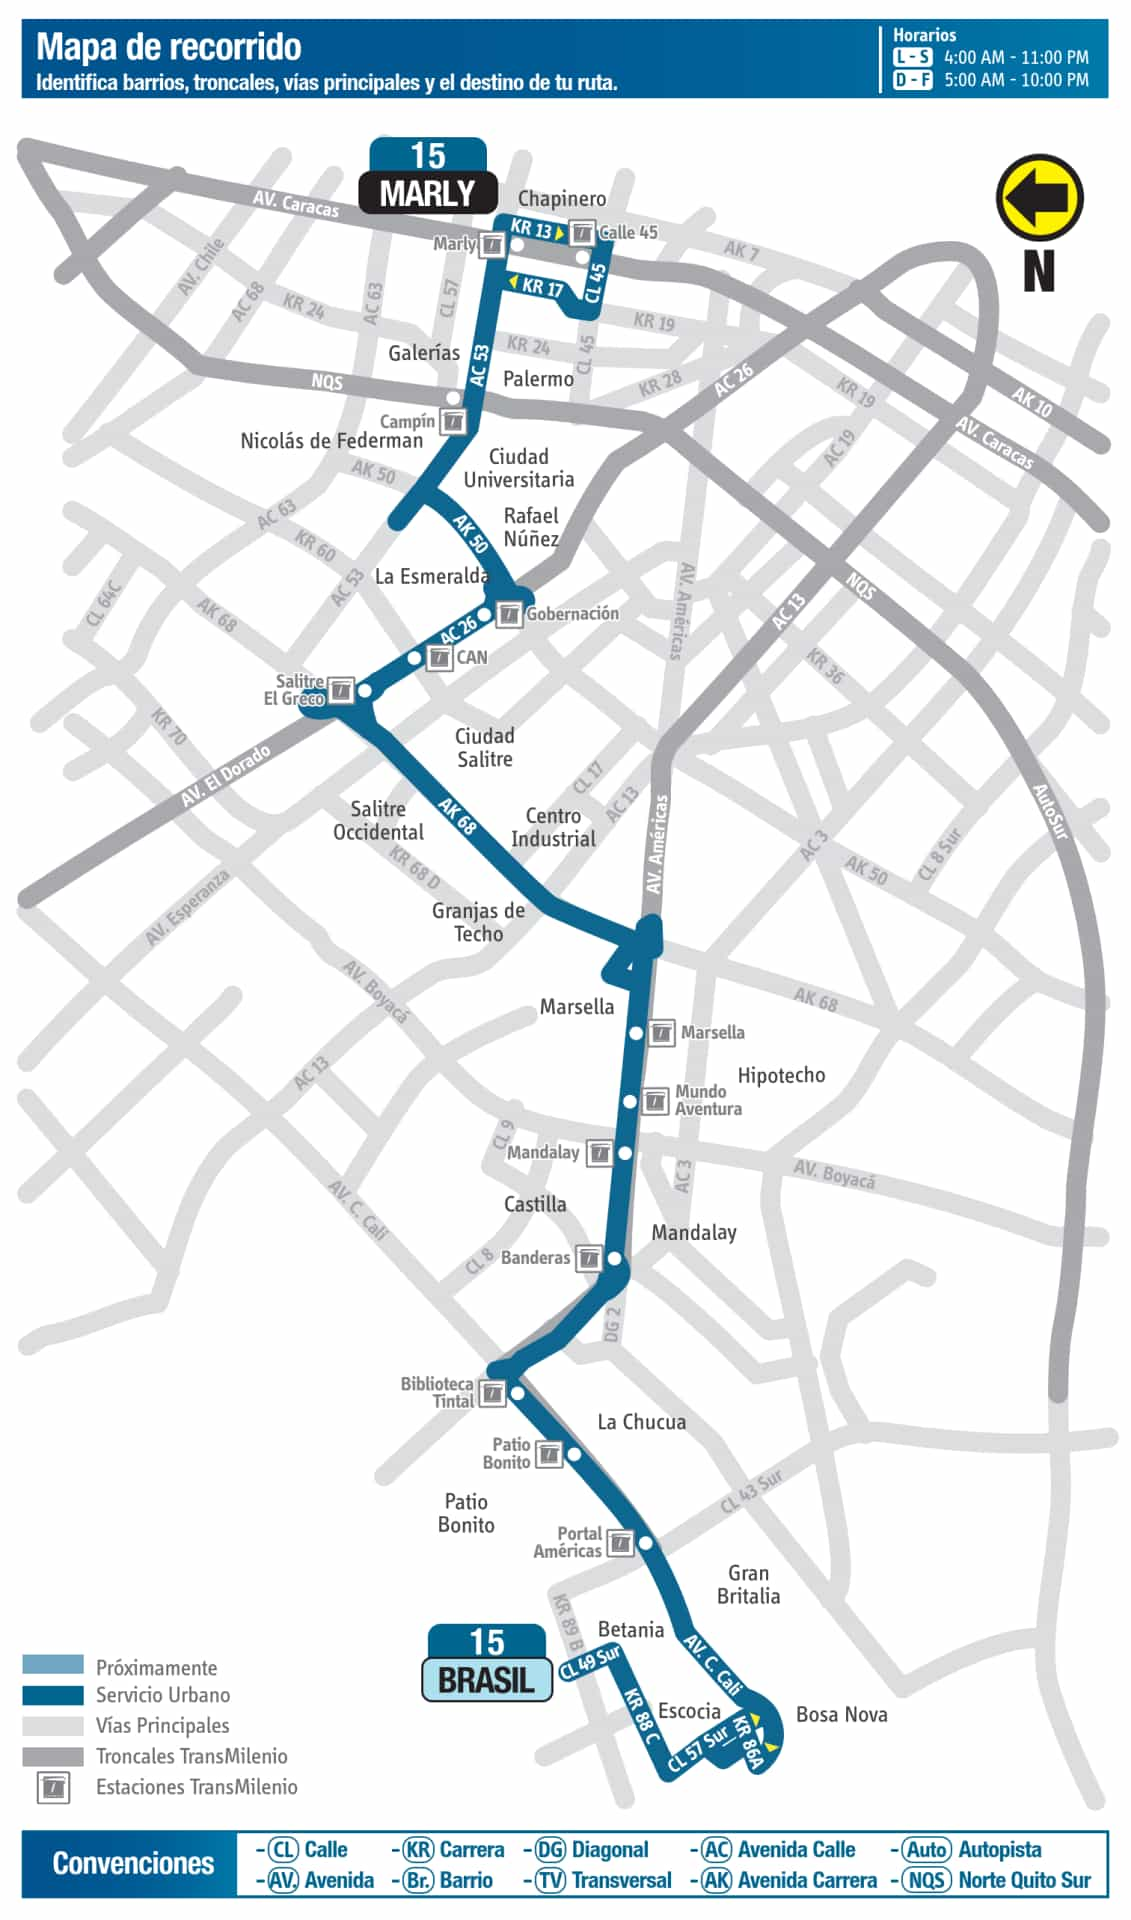 Mapa ruta urbana:: 15 Brasil - Marly